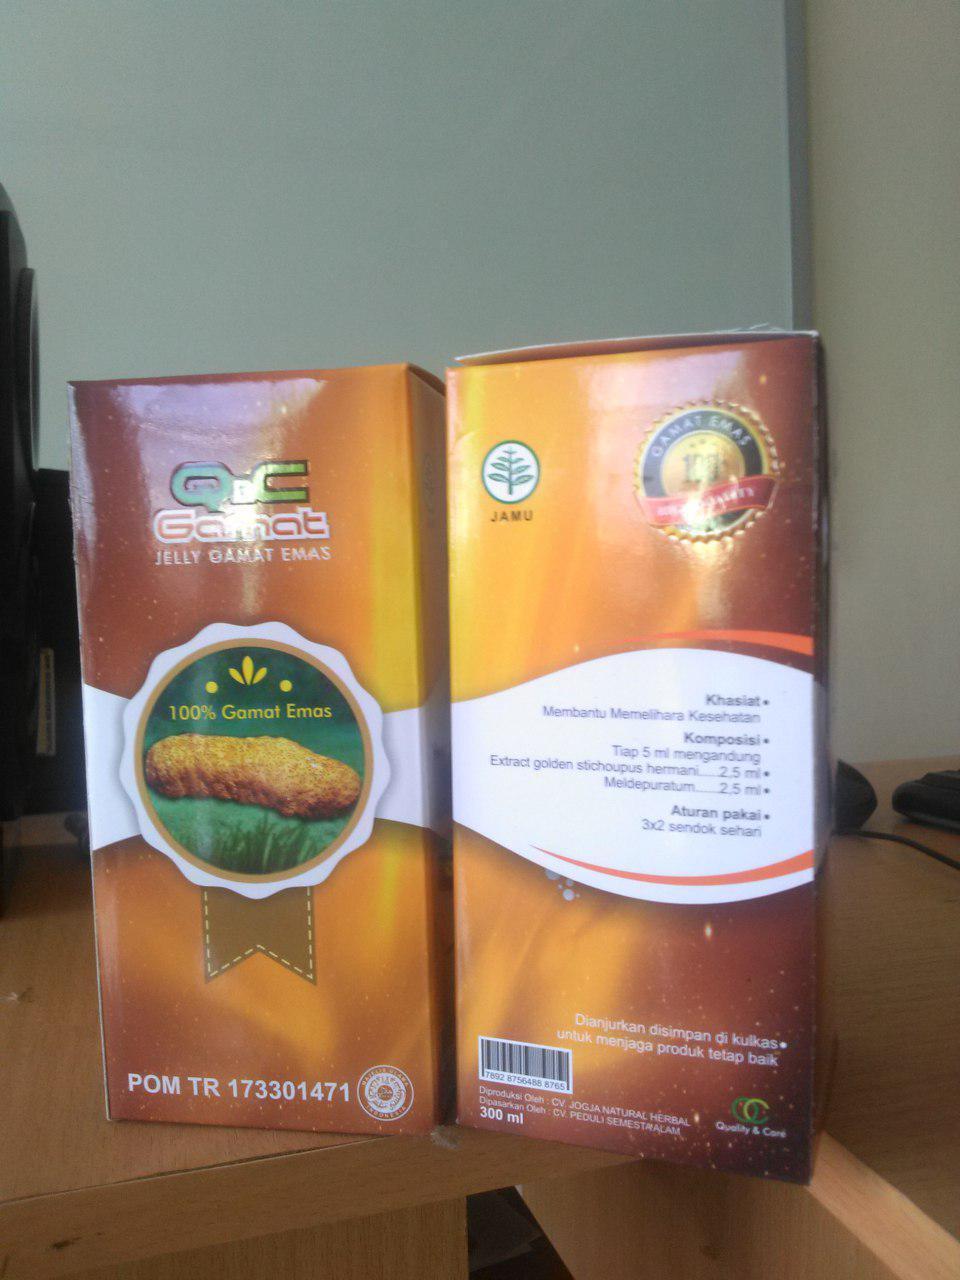 Obat Herbal Kanker Ganas Stadium 4 Jelly Gamat Walatra Qnc Jeli Emas Original Ampuh Merupakan Produk Minuman Kesehatan Unggulan Ptbijaksana Maju Utama Indonesia Yang Telah Terbukti Banyak Mengandung Khasiat